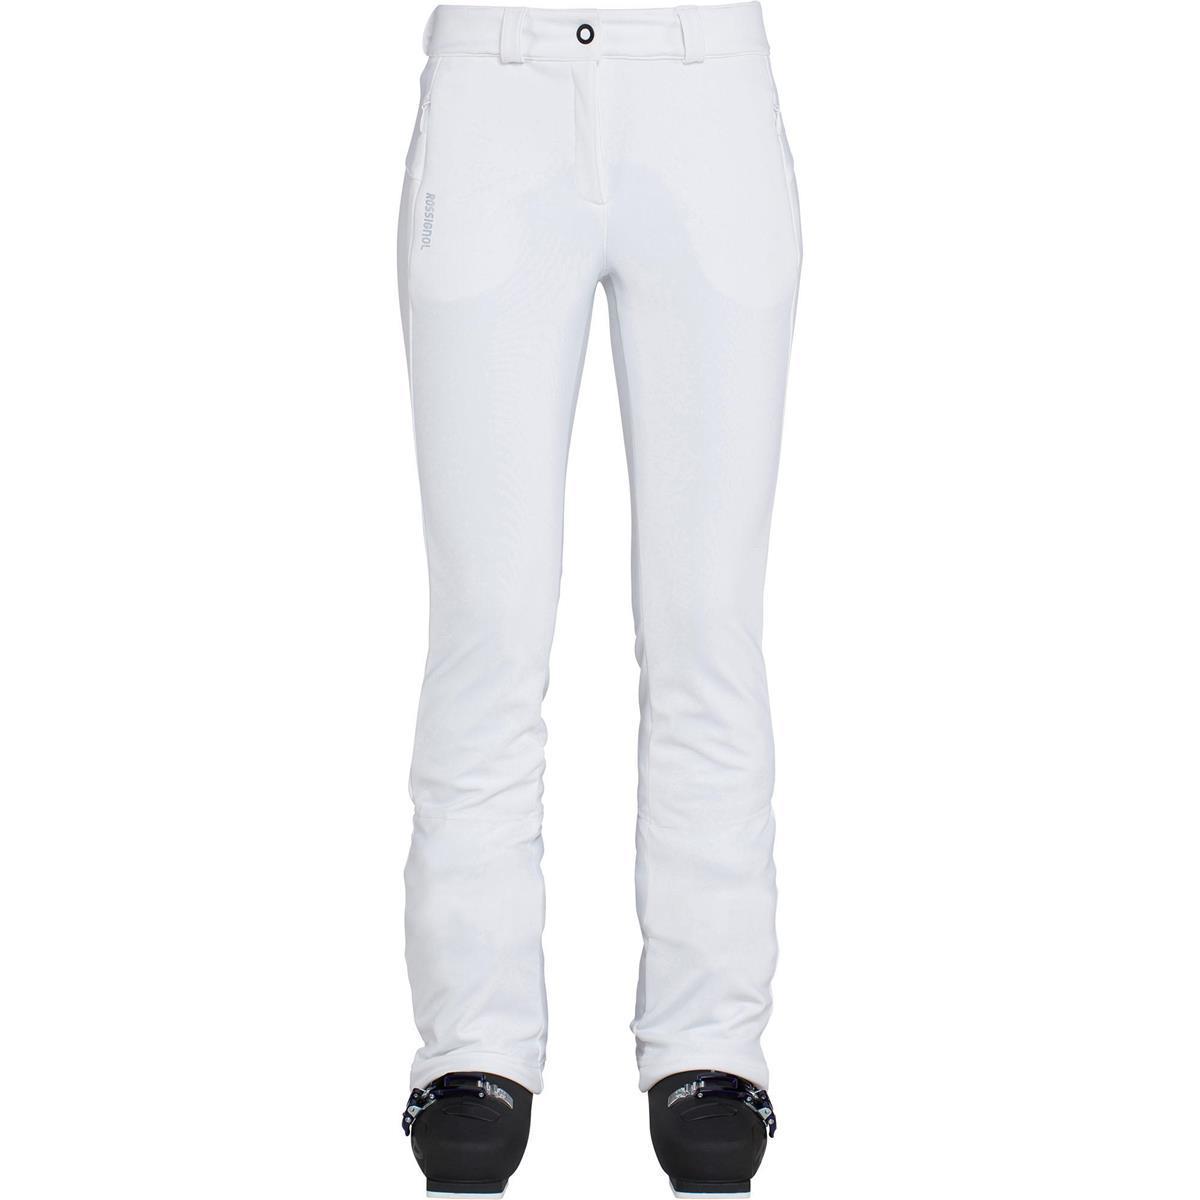 d15a2a4112 Rossignol W Ski Softshell Pant